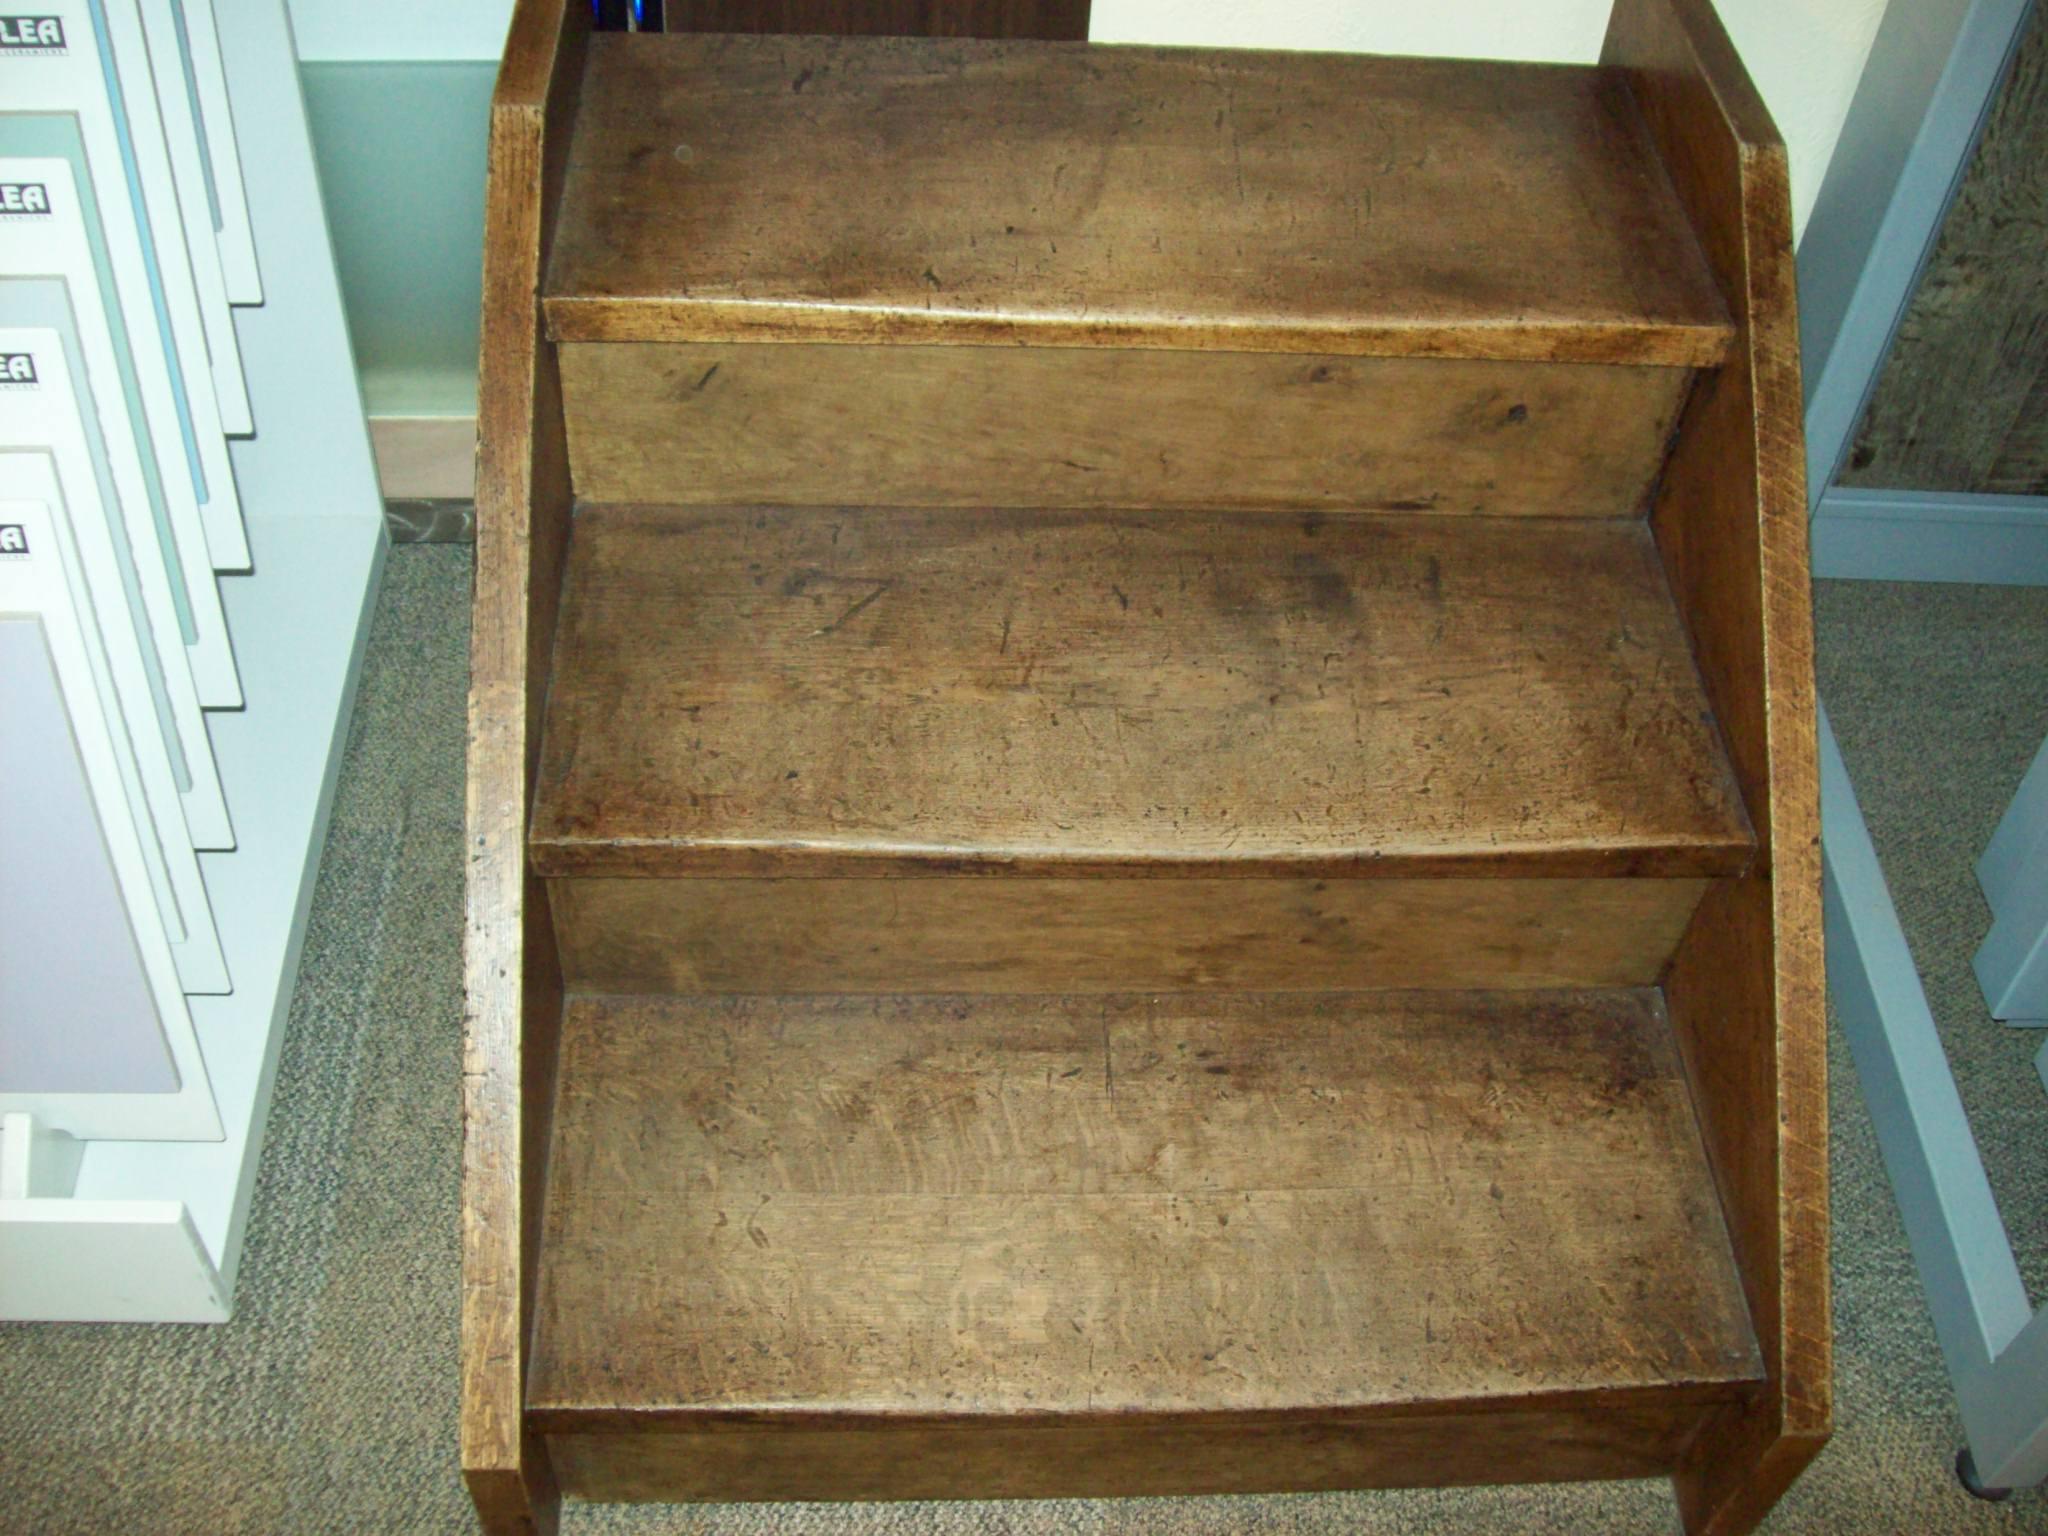 Scaletta In Legno Antica : Scale in legno antiche gradini antichizzati finalmente una buona